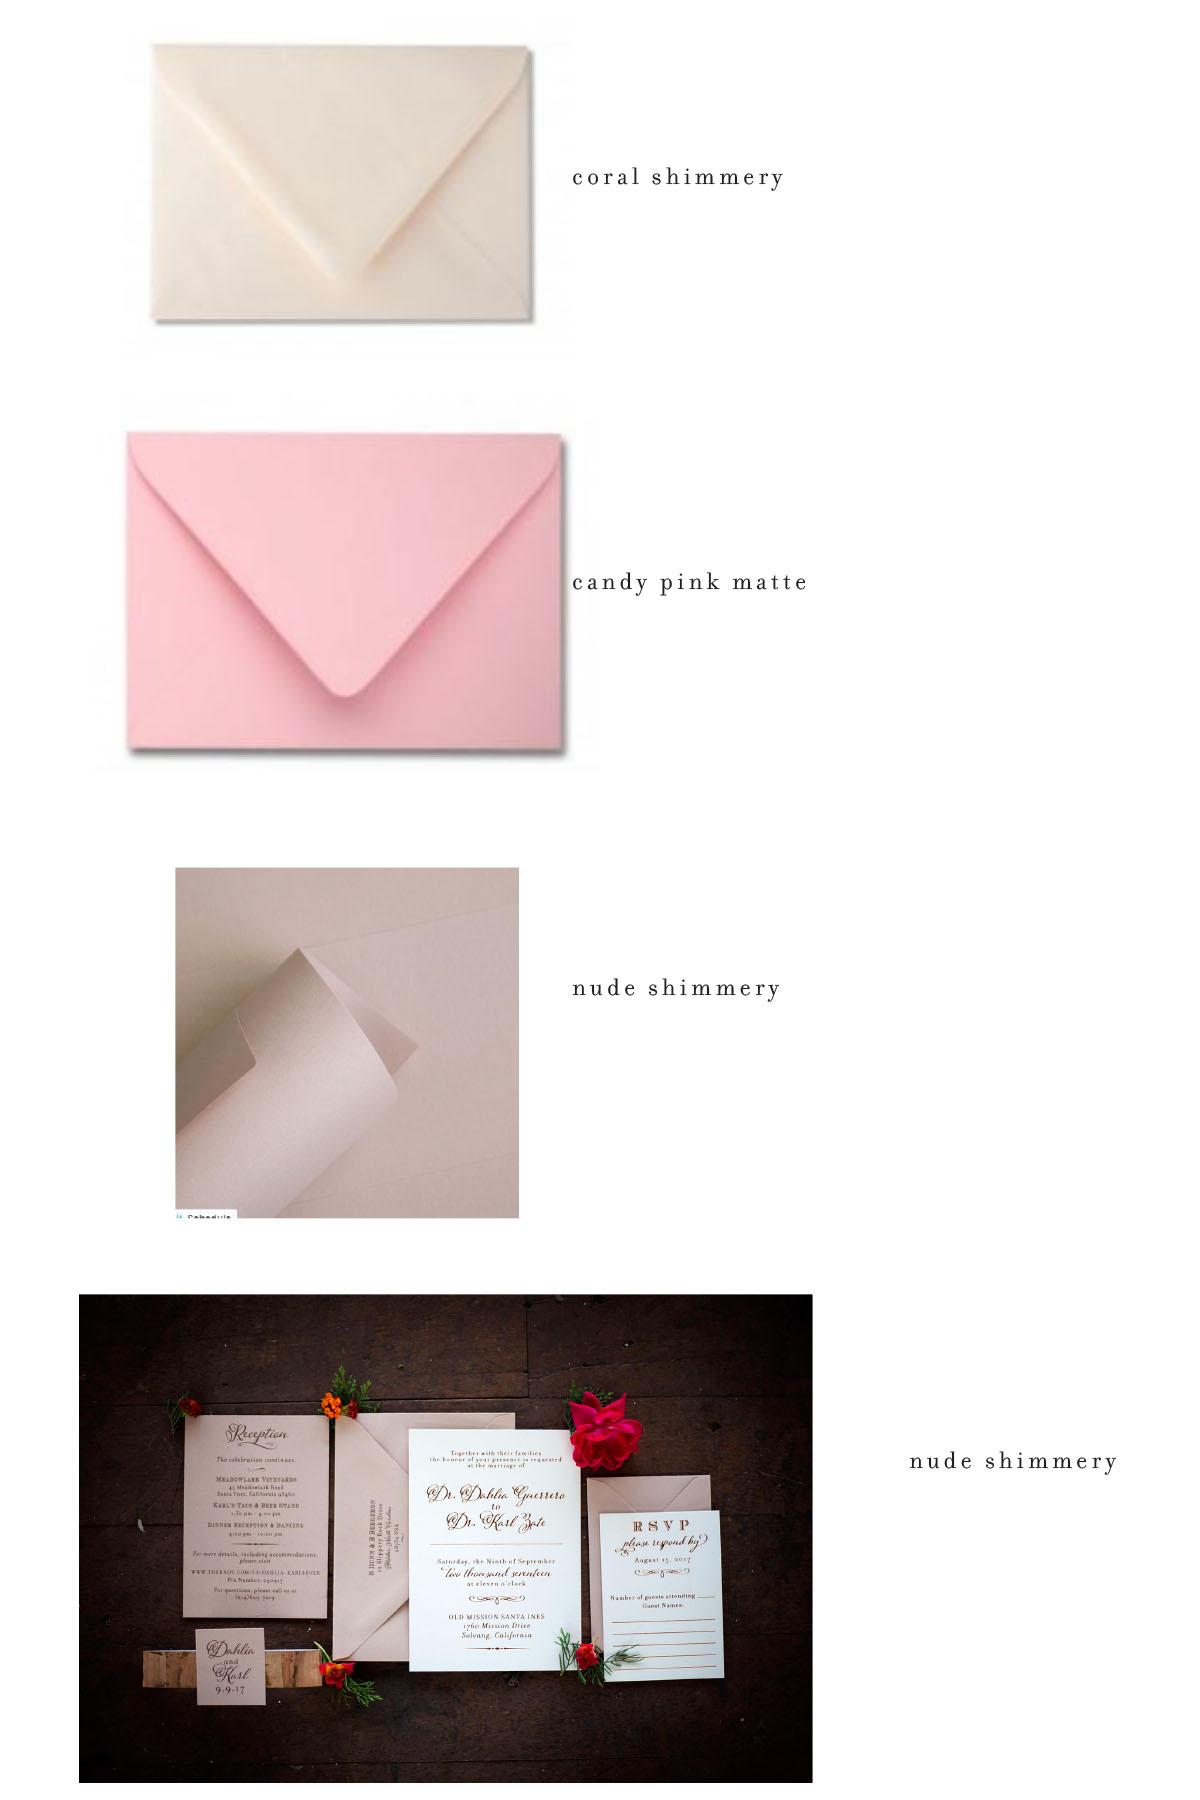 Dara_pinkish_envelopes.jpg